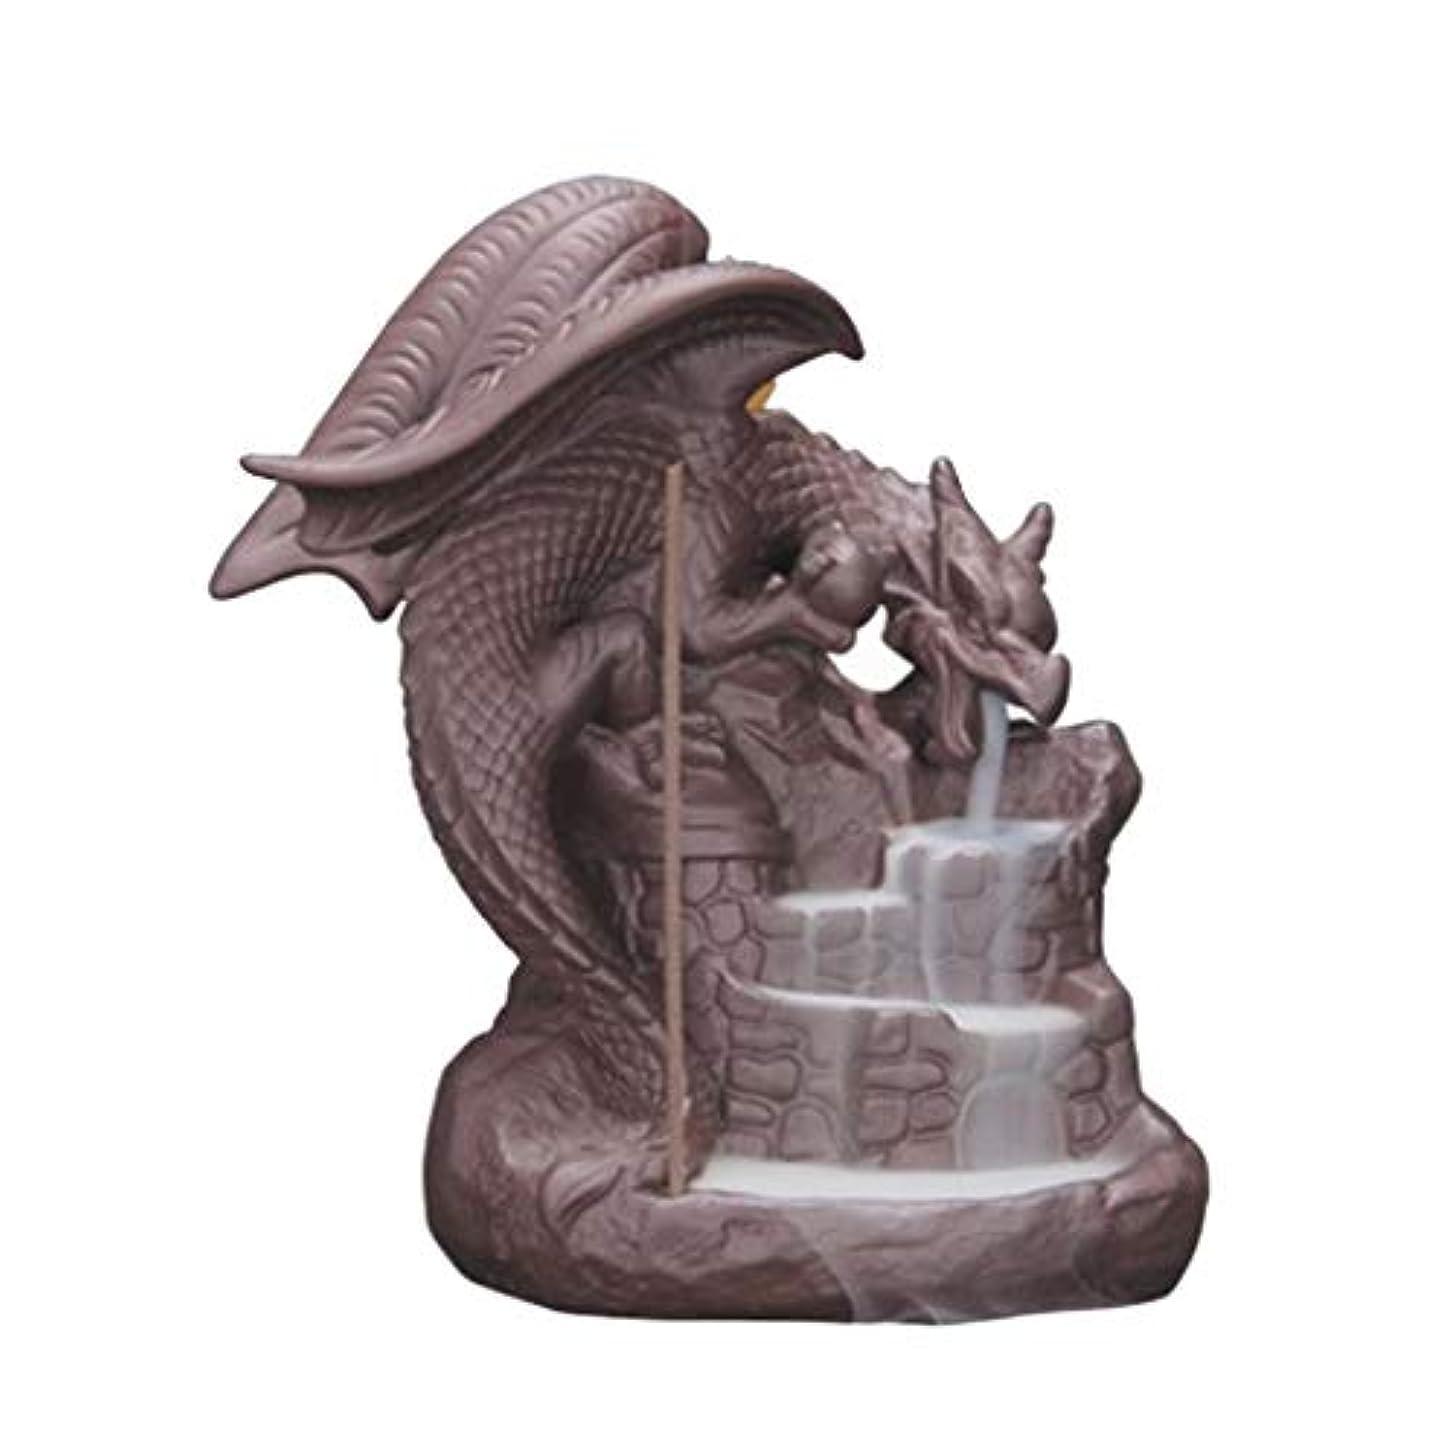 心配暗唱する持つホームアロマバーナー セラミック逆流香バーナー香炉の家の装飾ドラゴン香ホルダーバーナー使用ホームオフィスの装飾ギフト 芳香器アロマバーナー (Color : B)